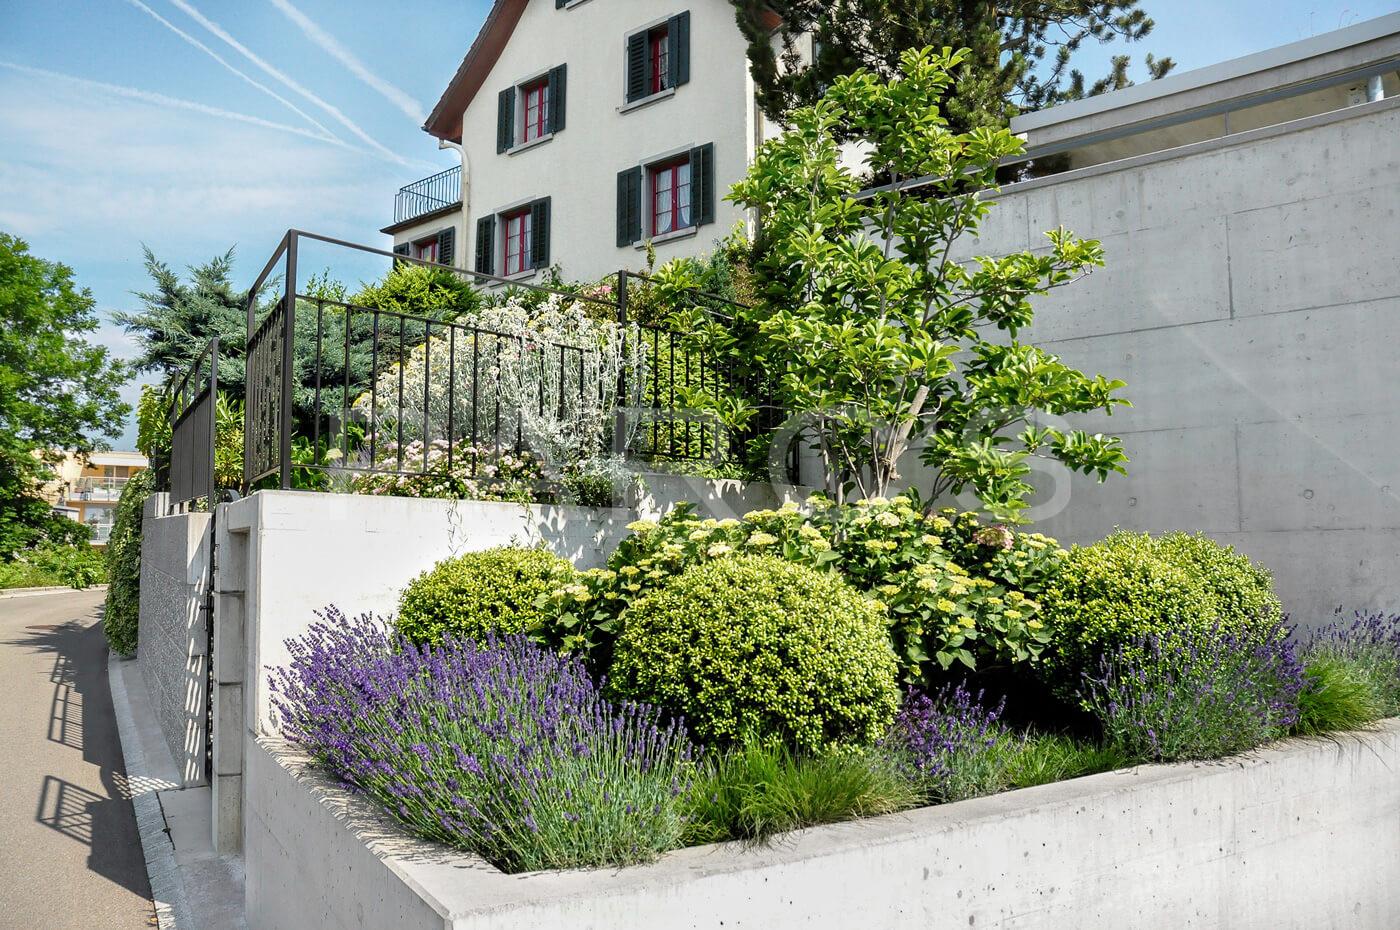 natursteinmauern im garten natursteinmauer im garten. Black Bedroom Furniture Sets. Home Design Ideas